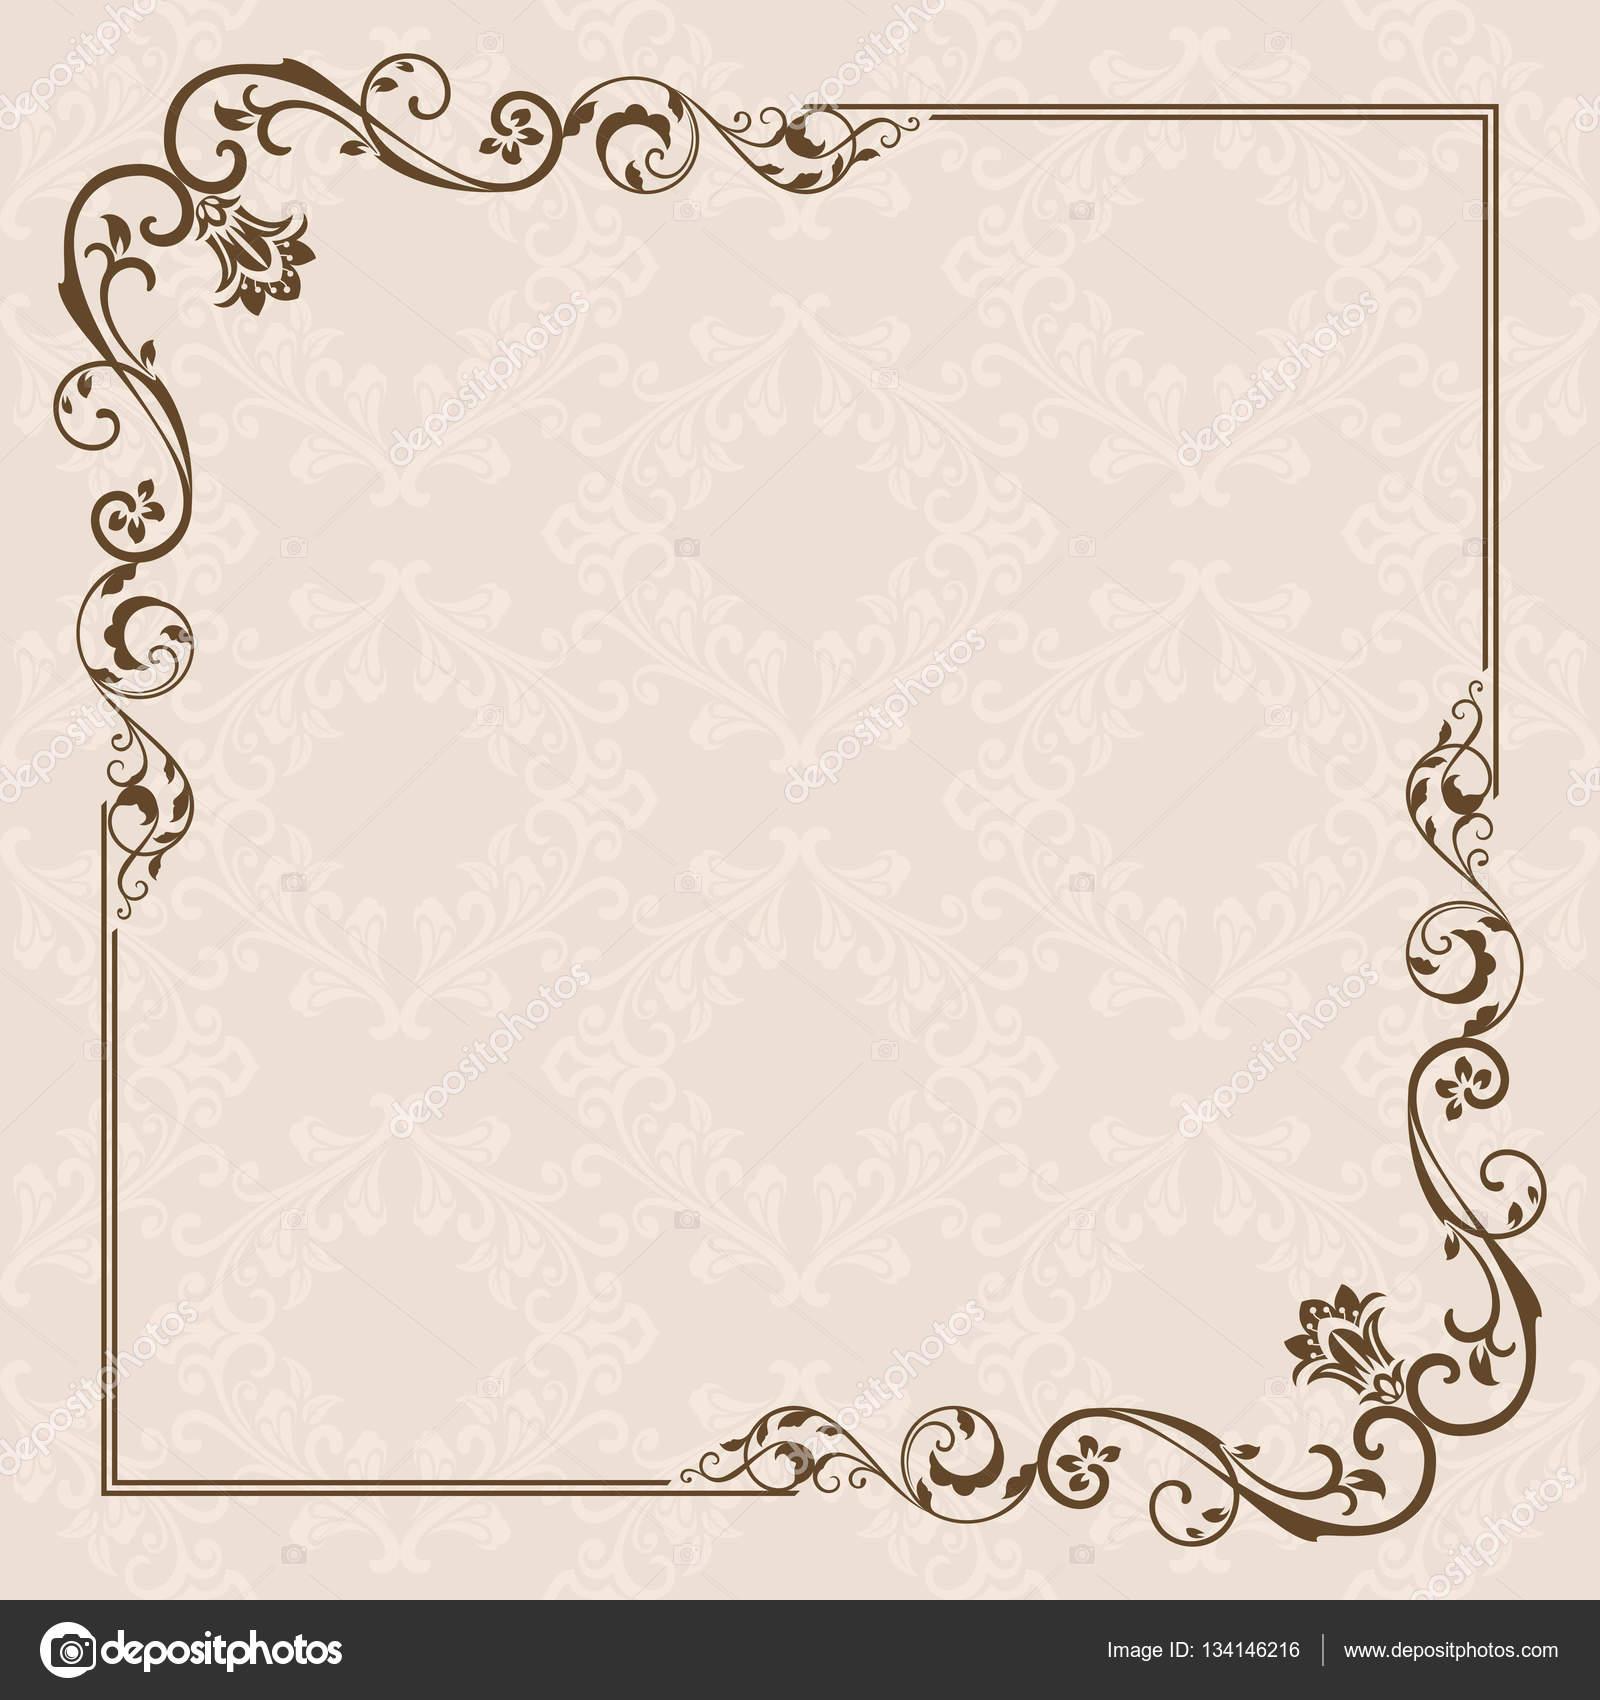 Vector tarjeta vintage tarjeta vintage con dise o floral del marco vector de stock - Marcos de fotos vintage ...